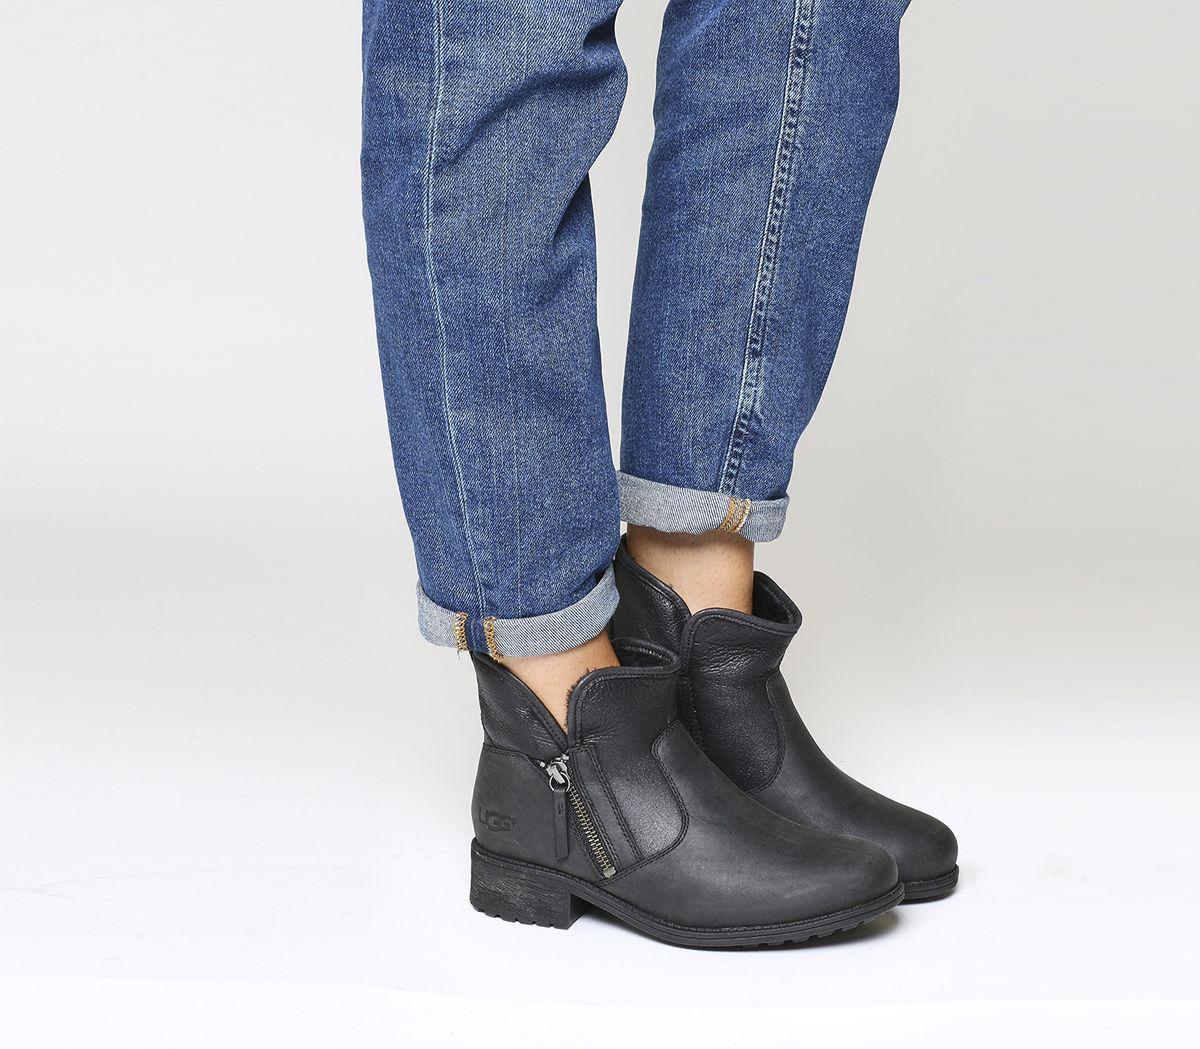 cec0b47aaea Lavelle Zip Boots